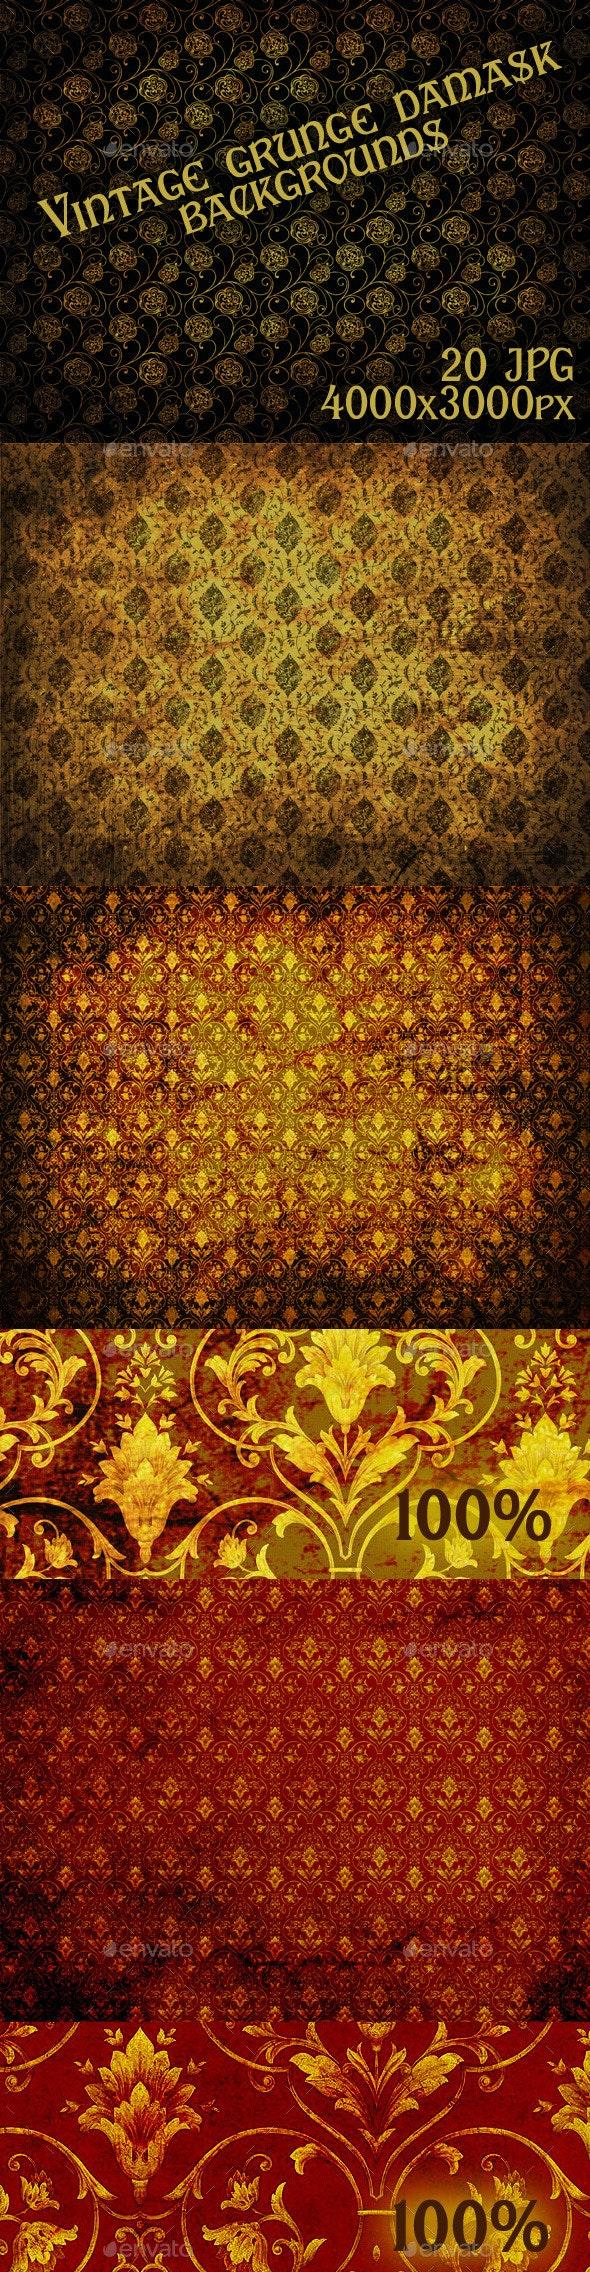 Vintage Grunge Damask Backgrounds - Backgrounds Graphics